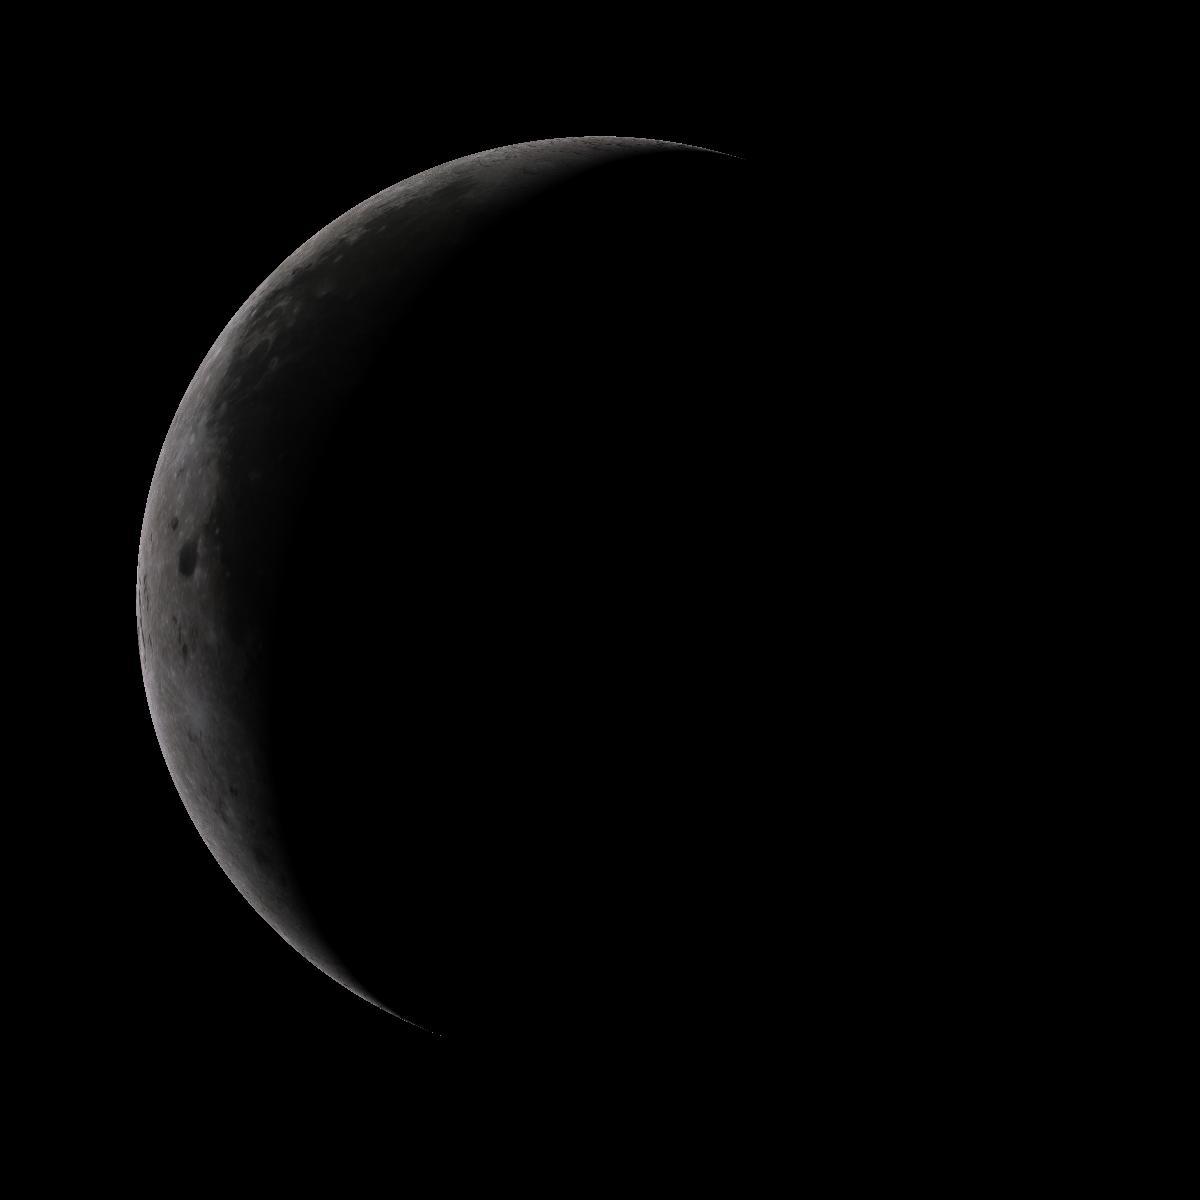 Lune du 29 juin 2019